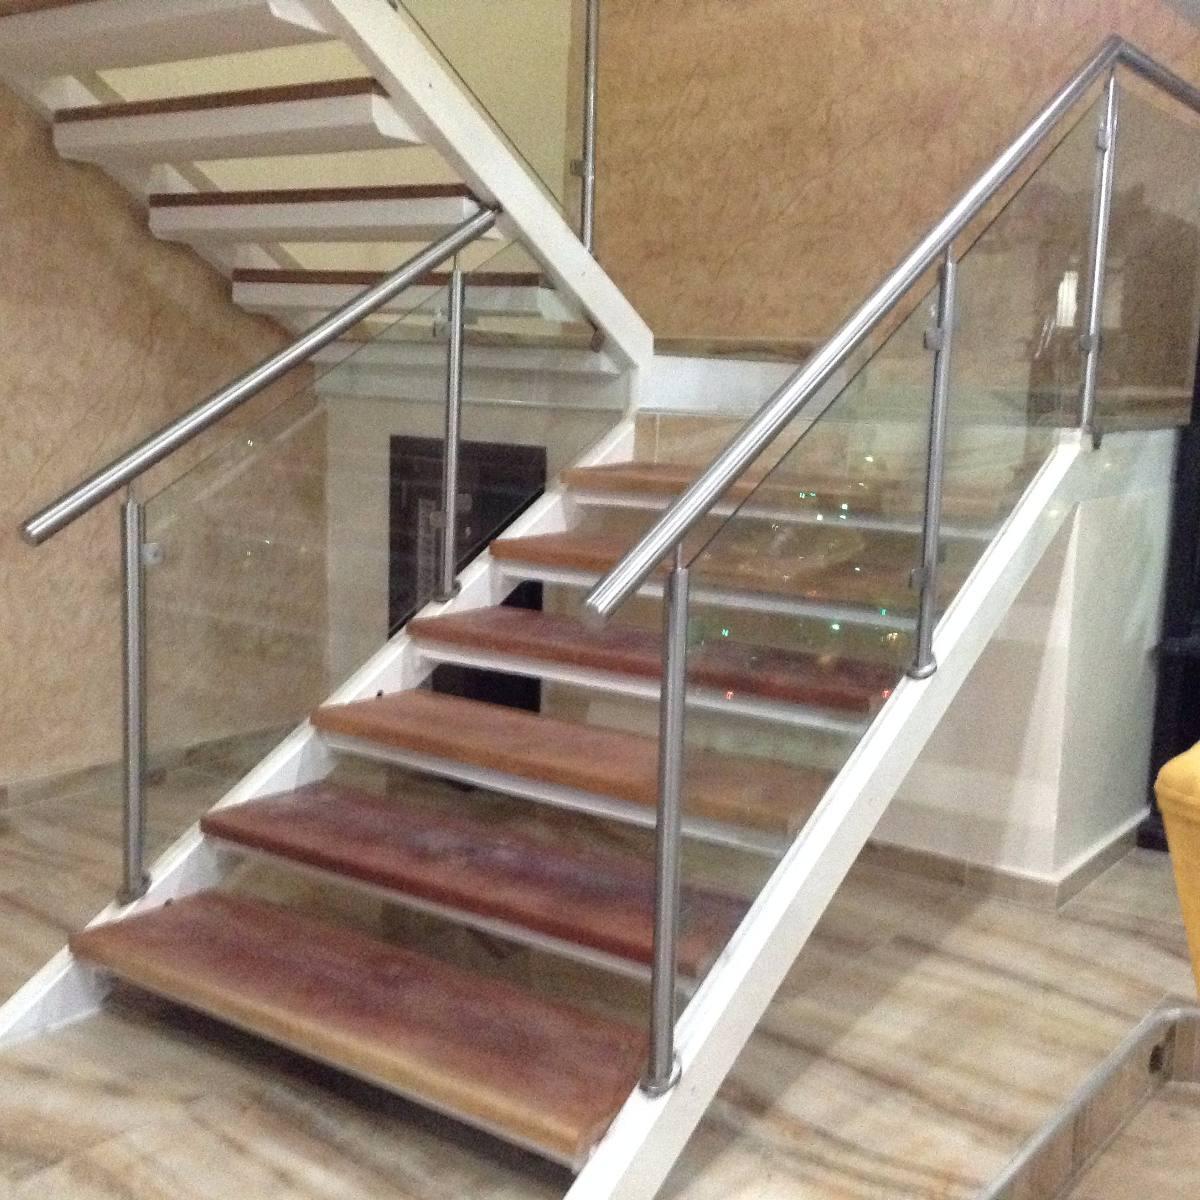 Pin barandas pasamanos escaleras acero inoxidable abril genuardis portal on pinterest - Pasamanos de cristal ...